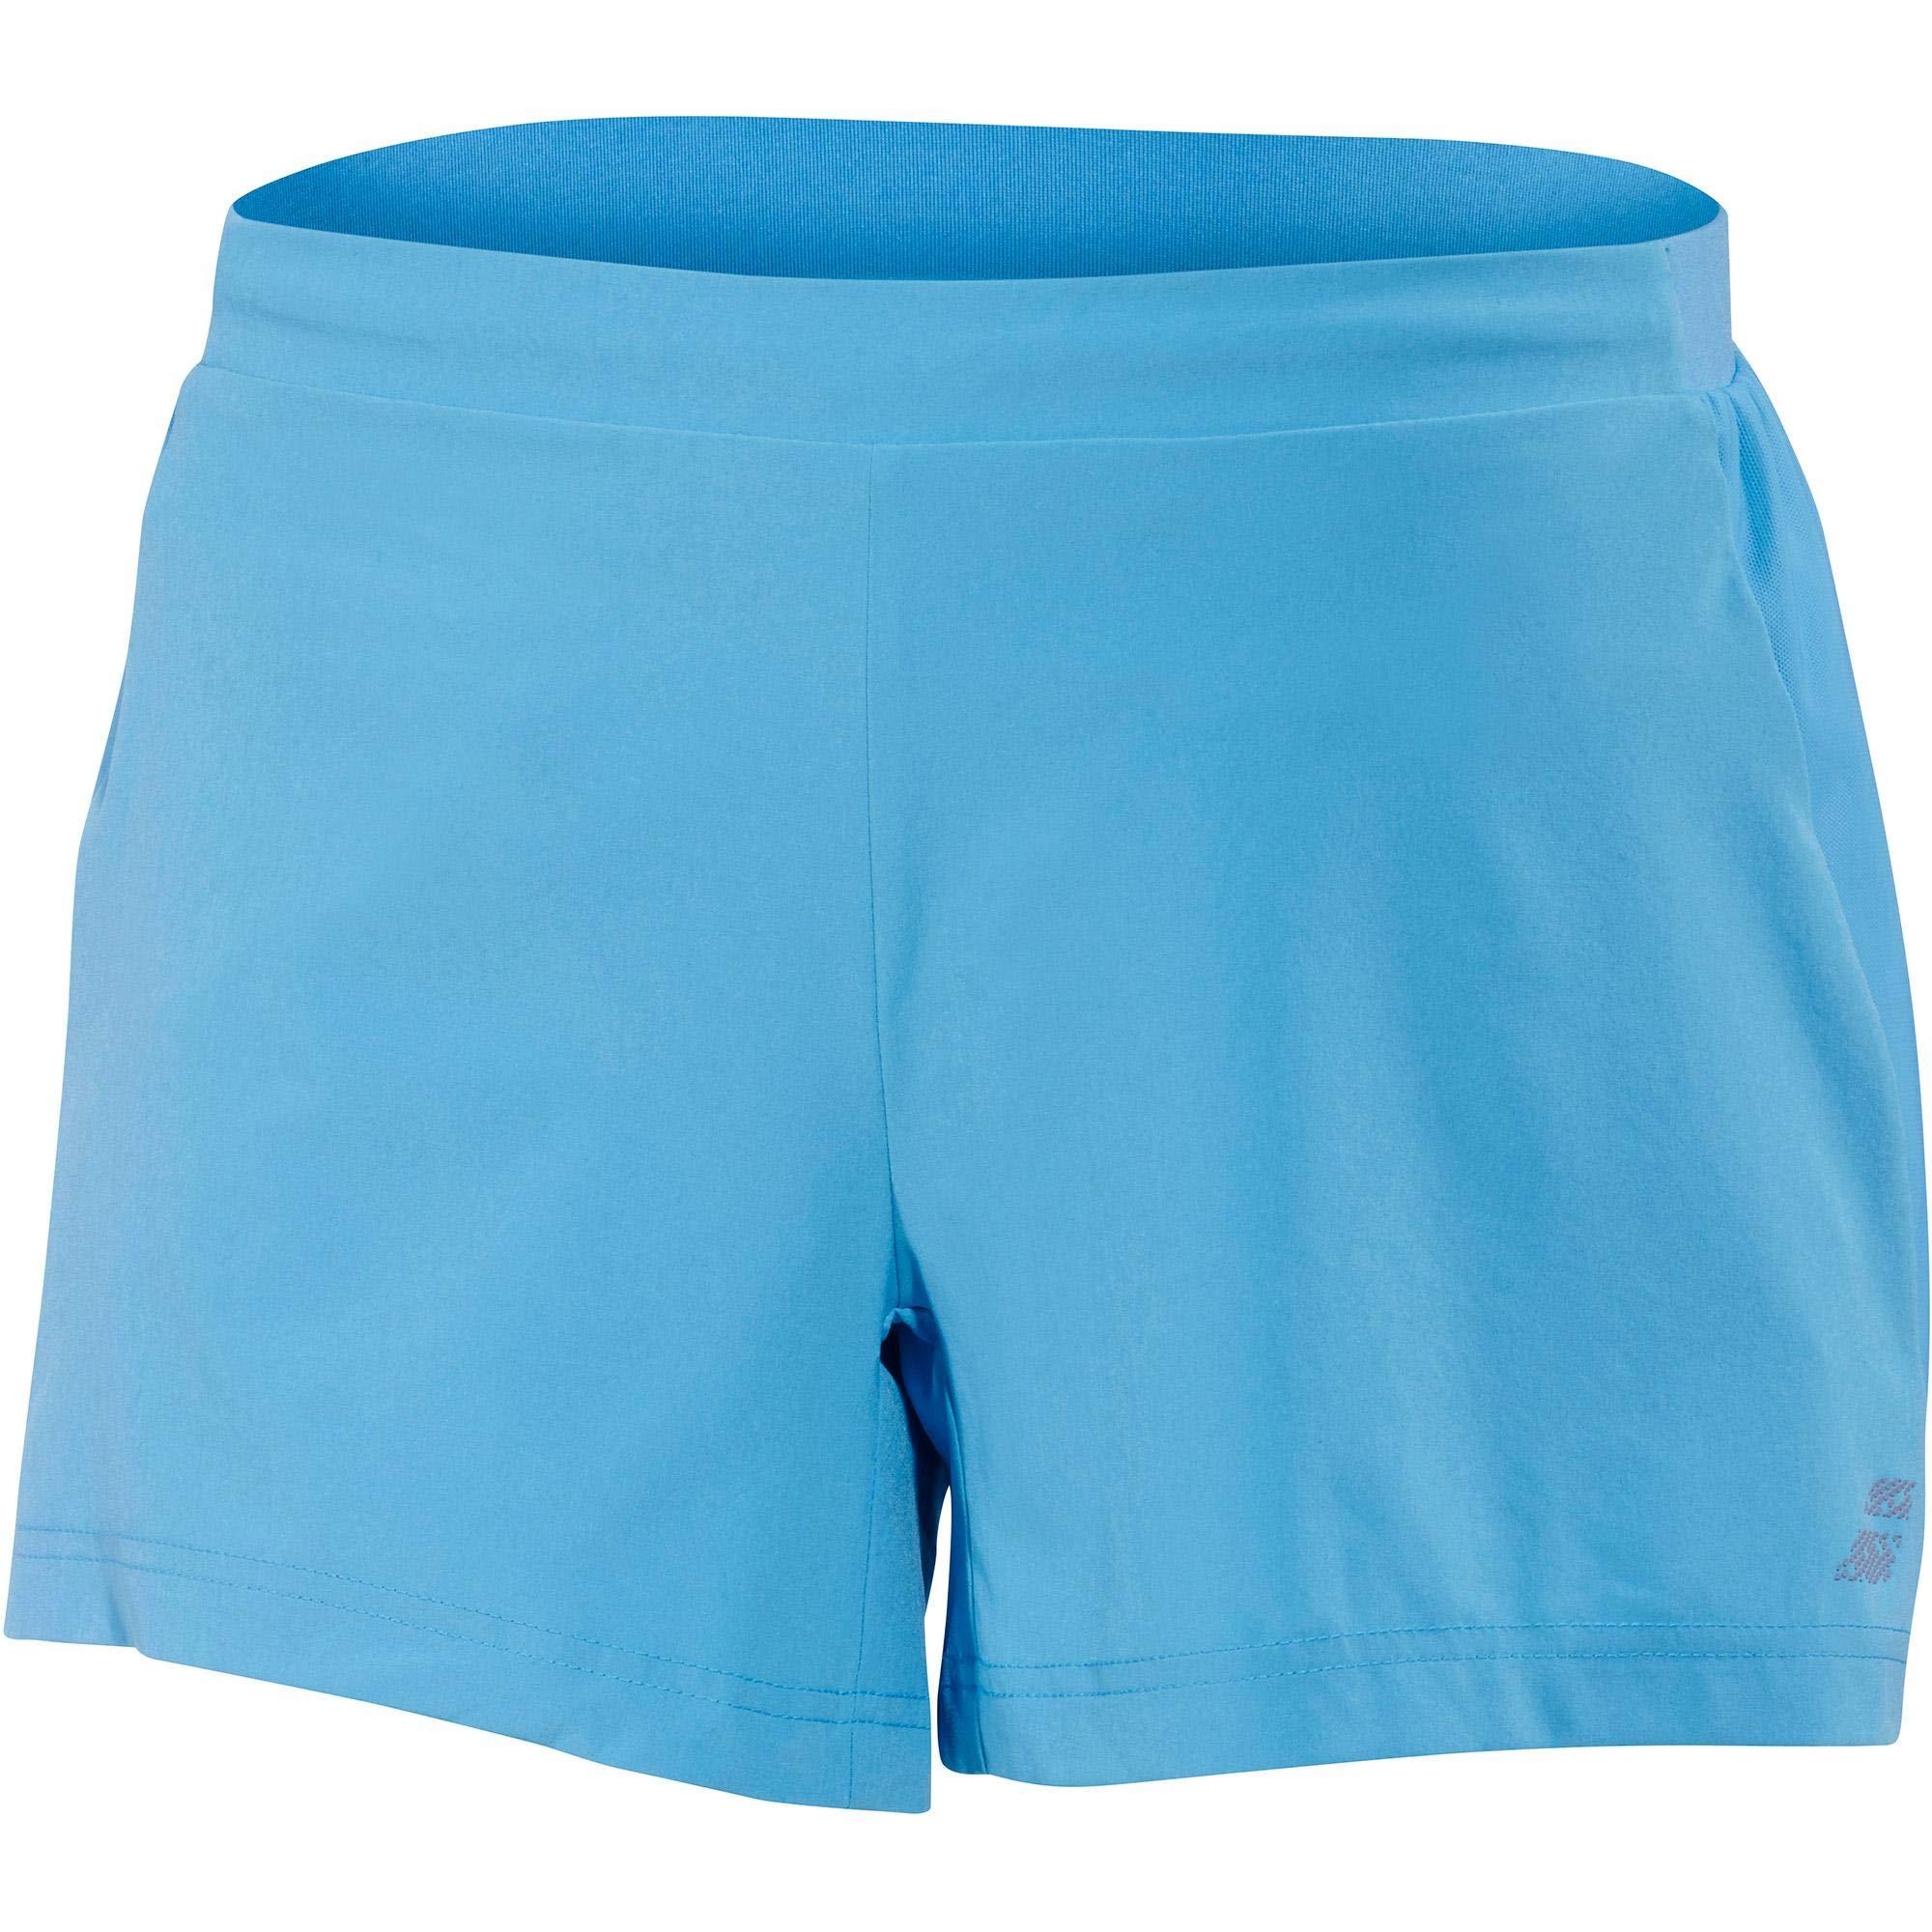 Babolat Womens Performance Lightweight Tennis Short, Horizon Blue (X-Small)